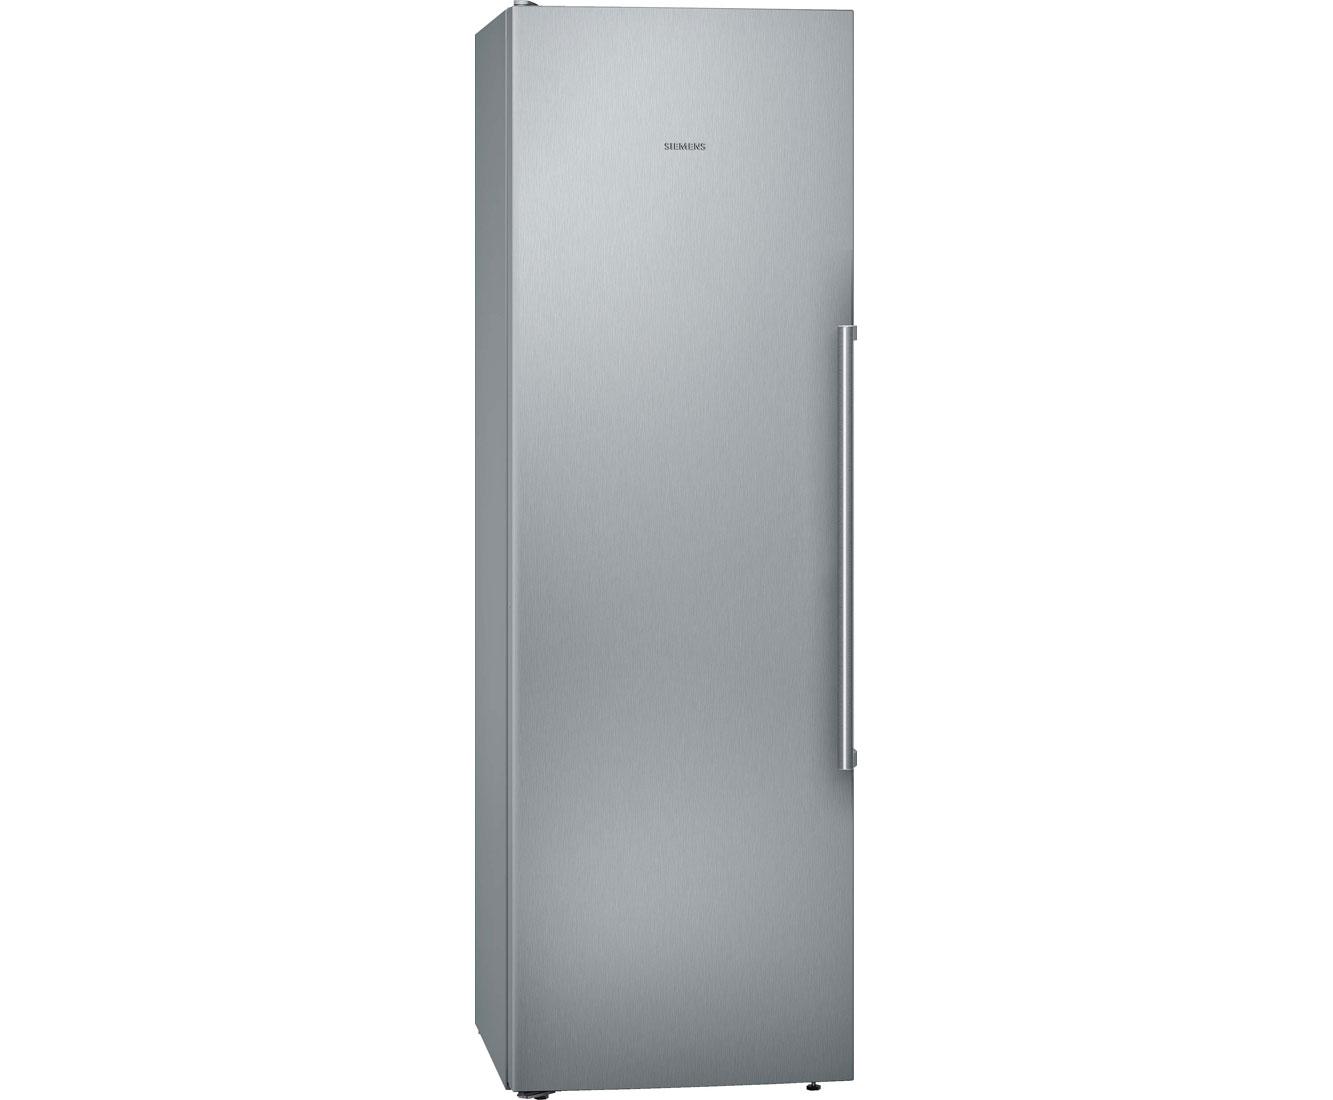 Kühlschrank Siemens : Siemens iq ks fpi p kühlschrank edelstahl a